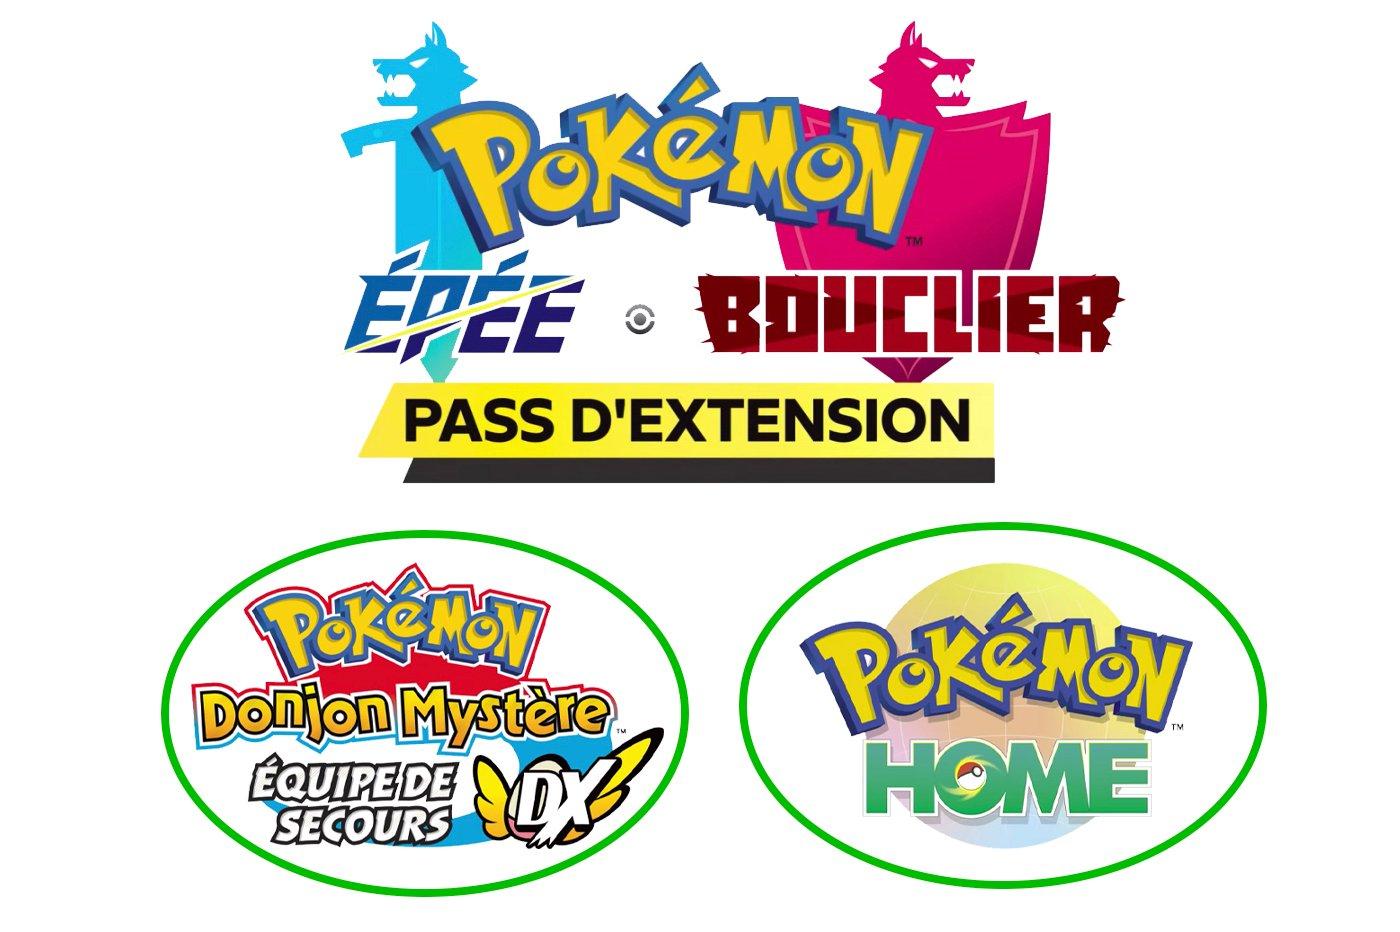 Nouveau jeu Pokémon, DLC Pokémon Epee Pokémon Bouclier